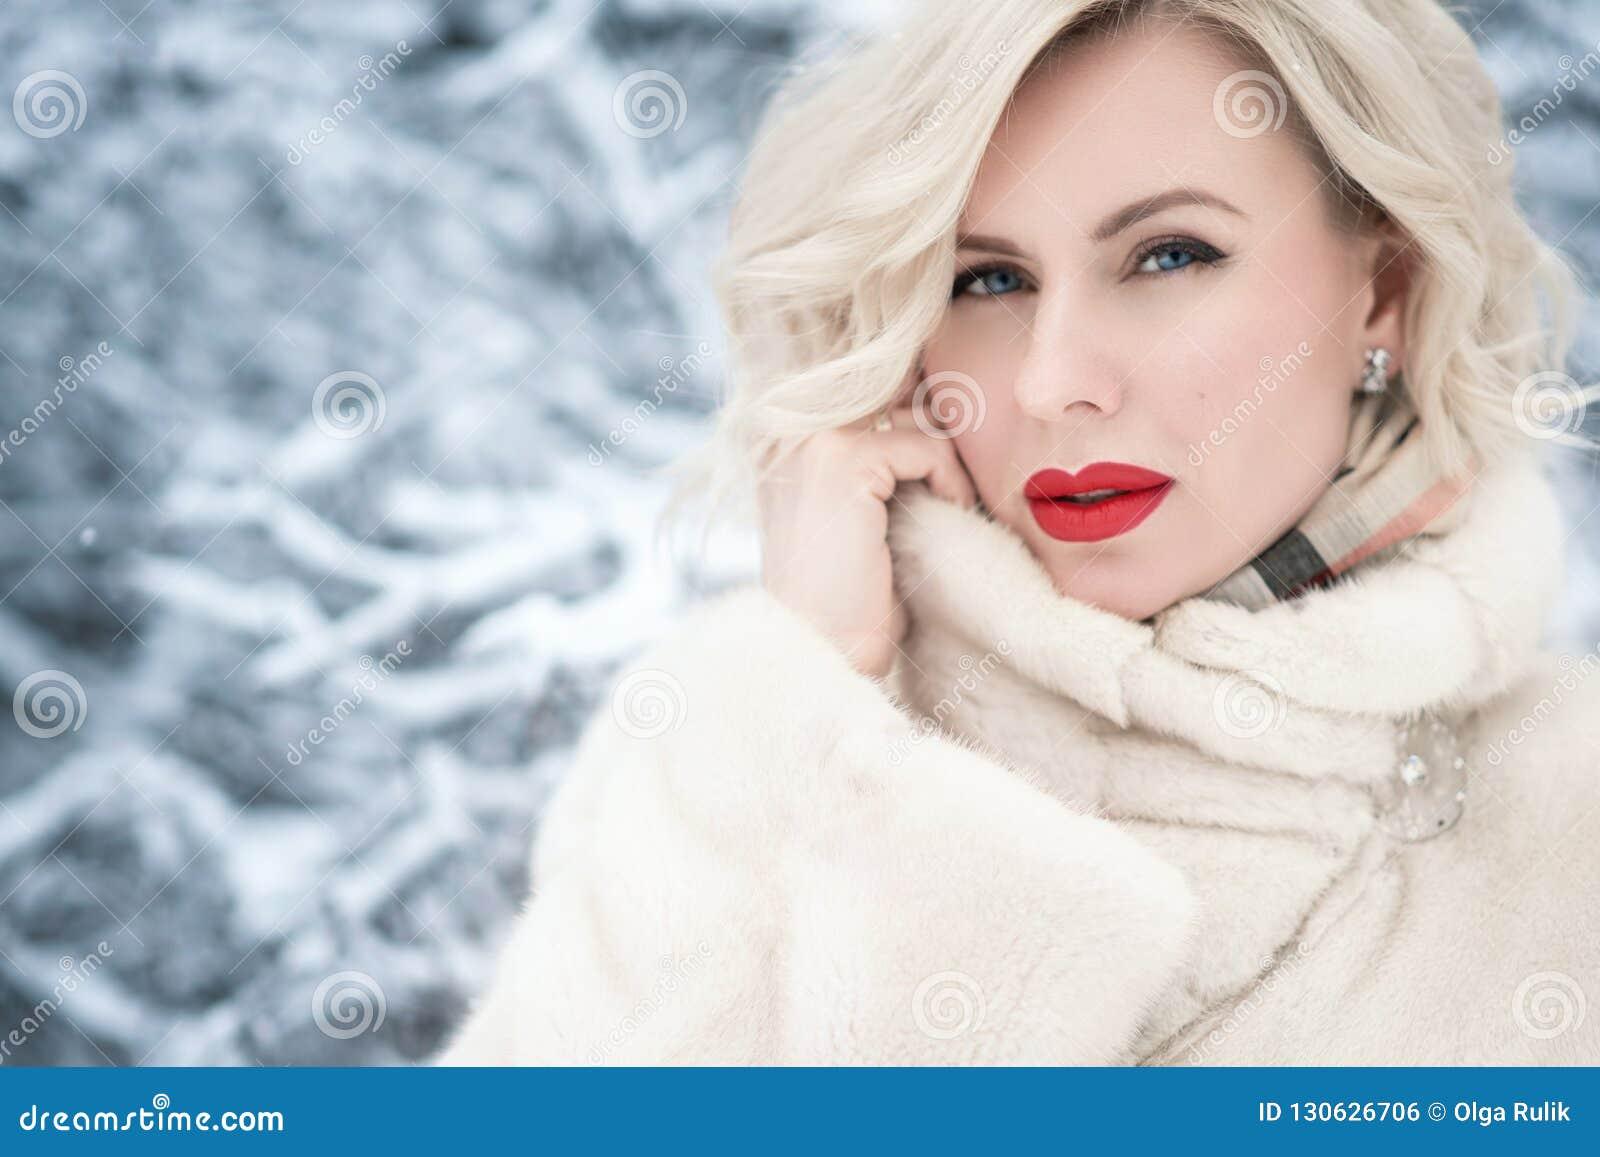 Sluit portret van mooie blonde blauw-eyed dame met perfect maken omhoog omhoog het houden van een kraag van haar luxueuze bontjas